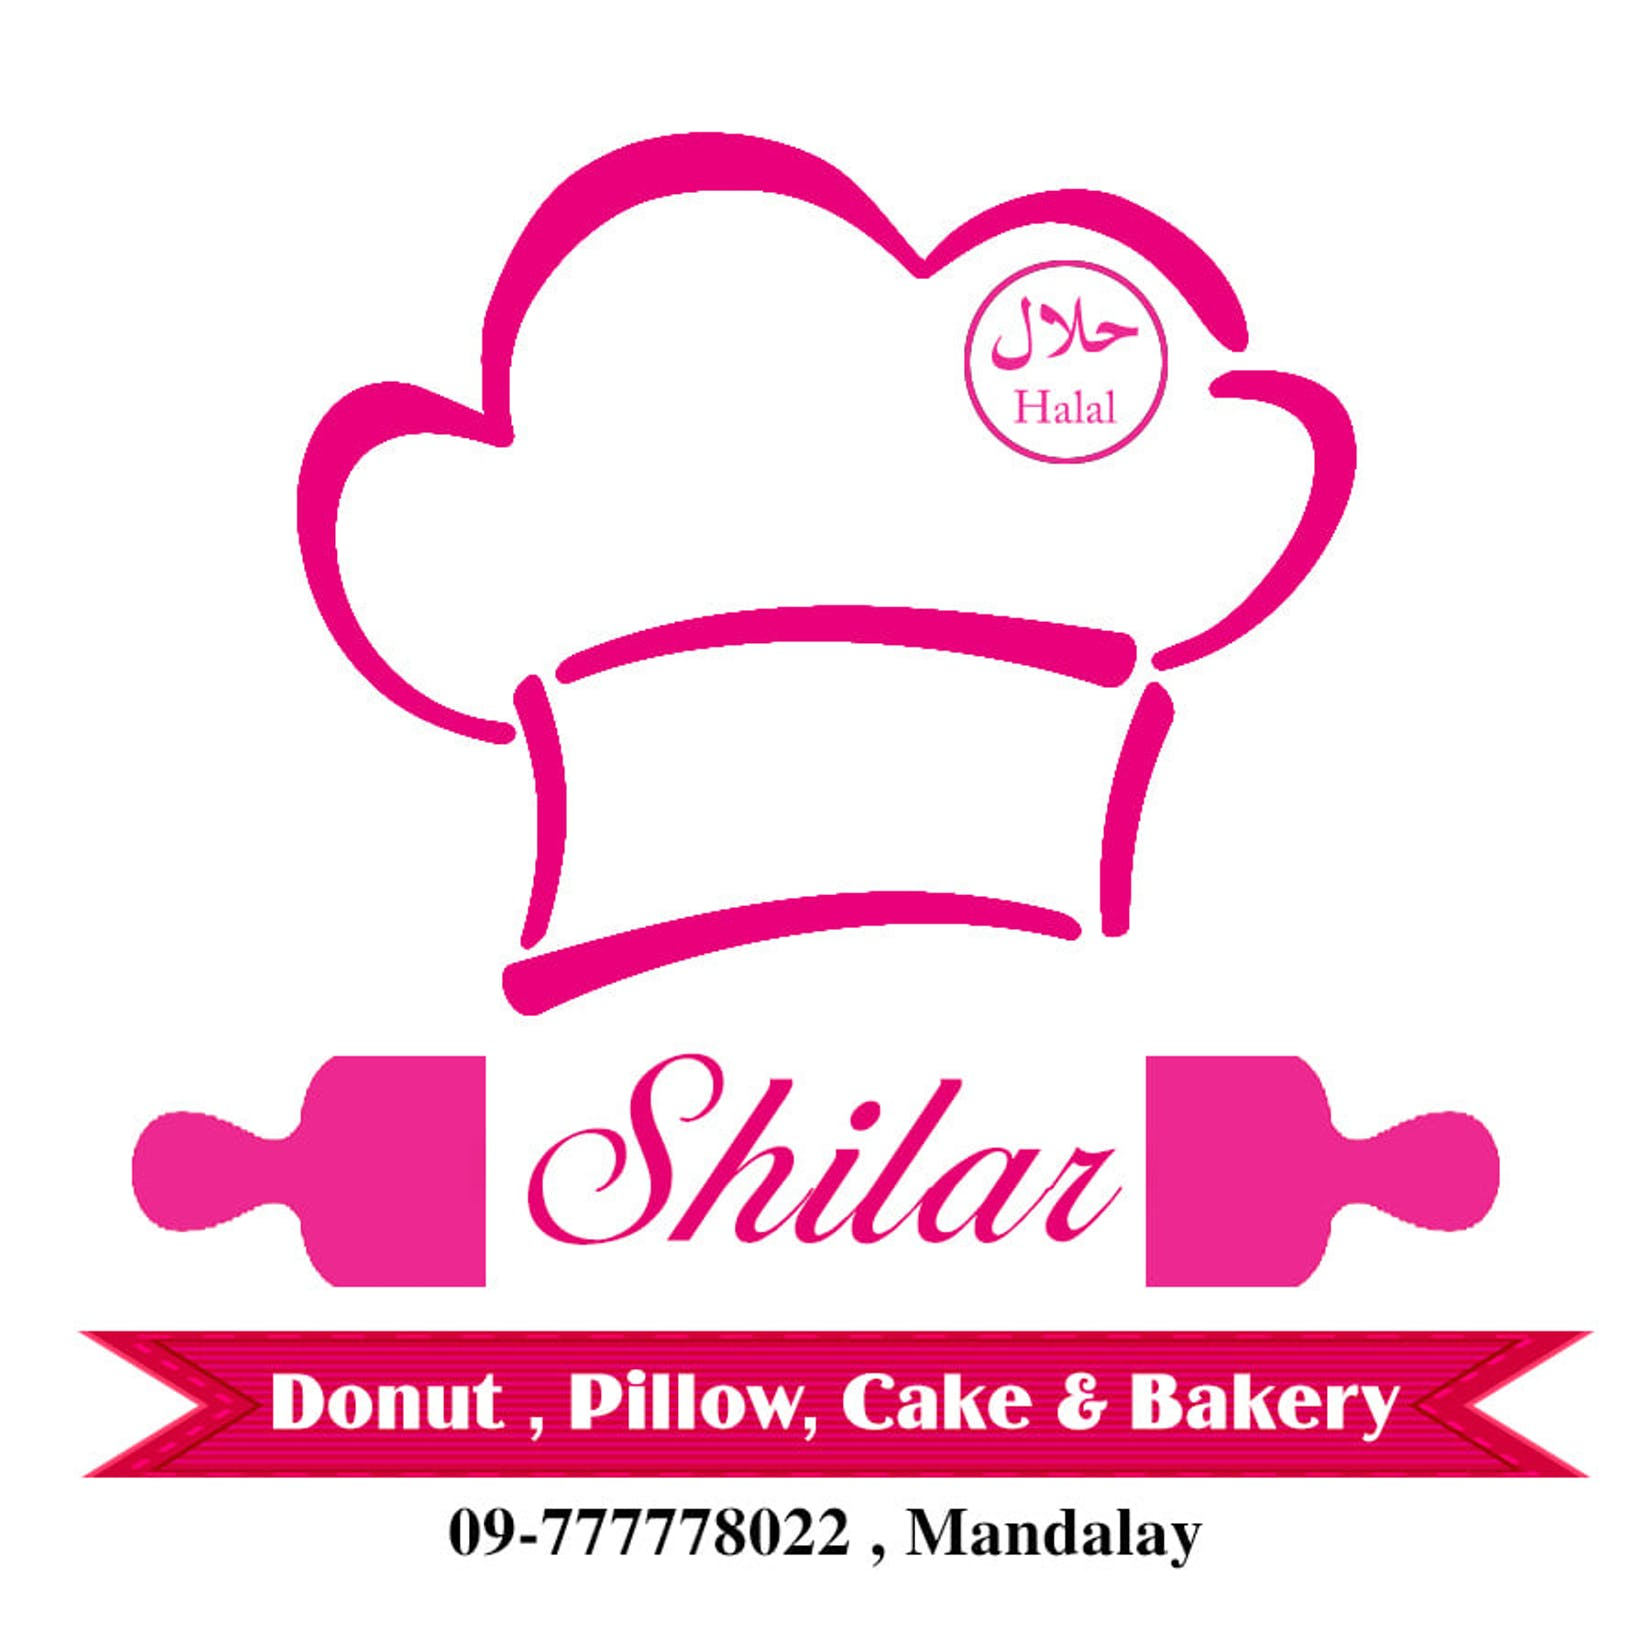 Shilar Cake & Bakery | yathar